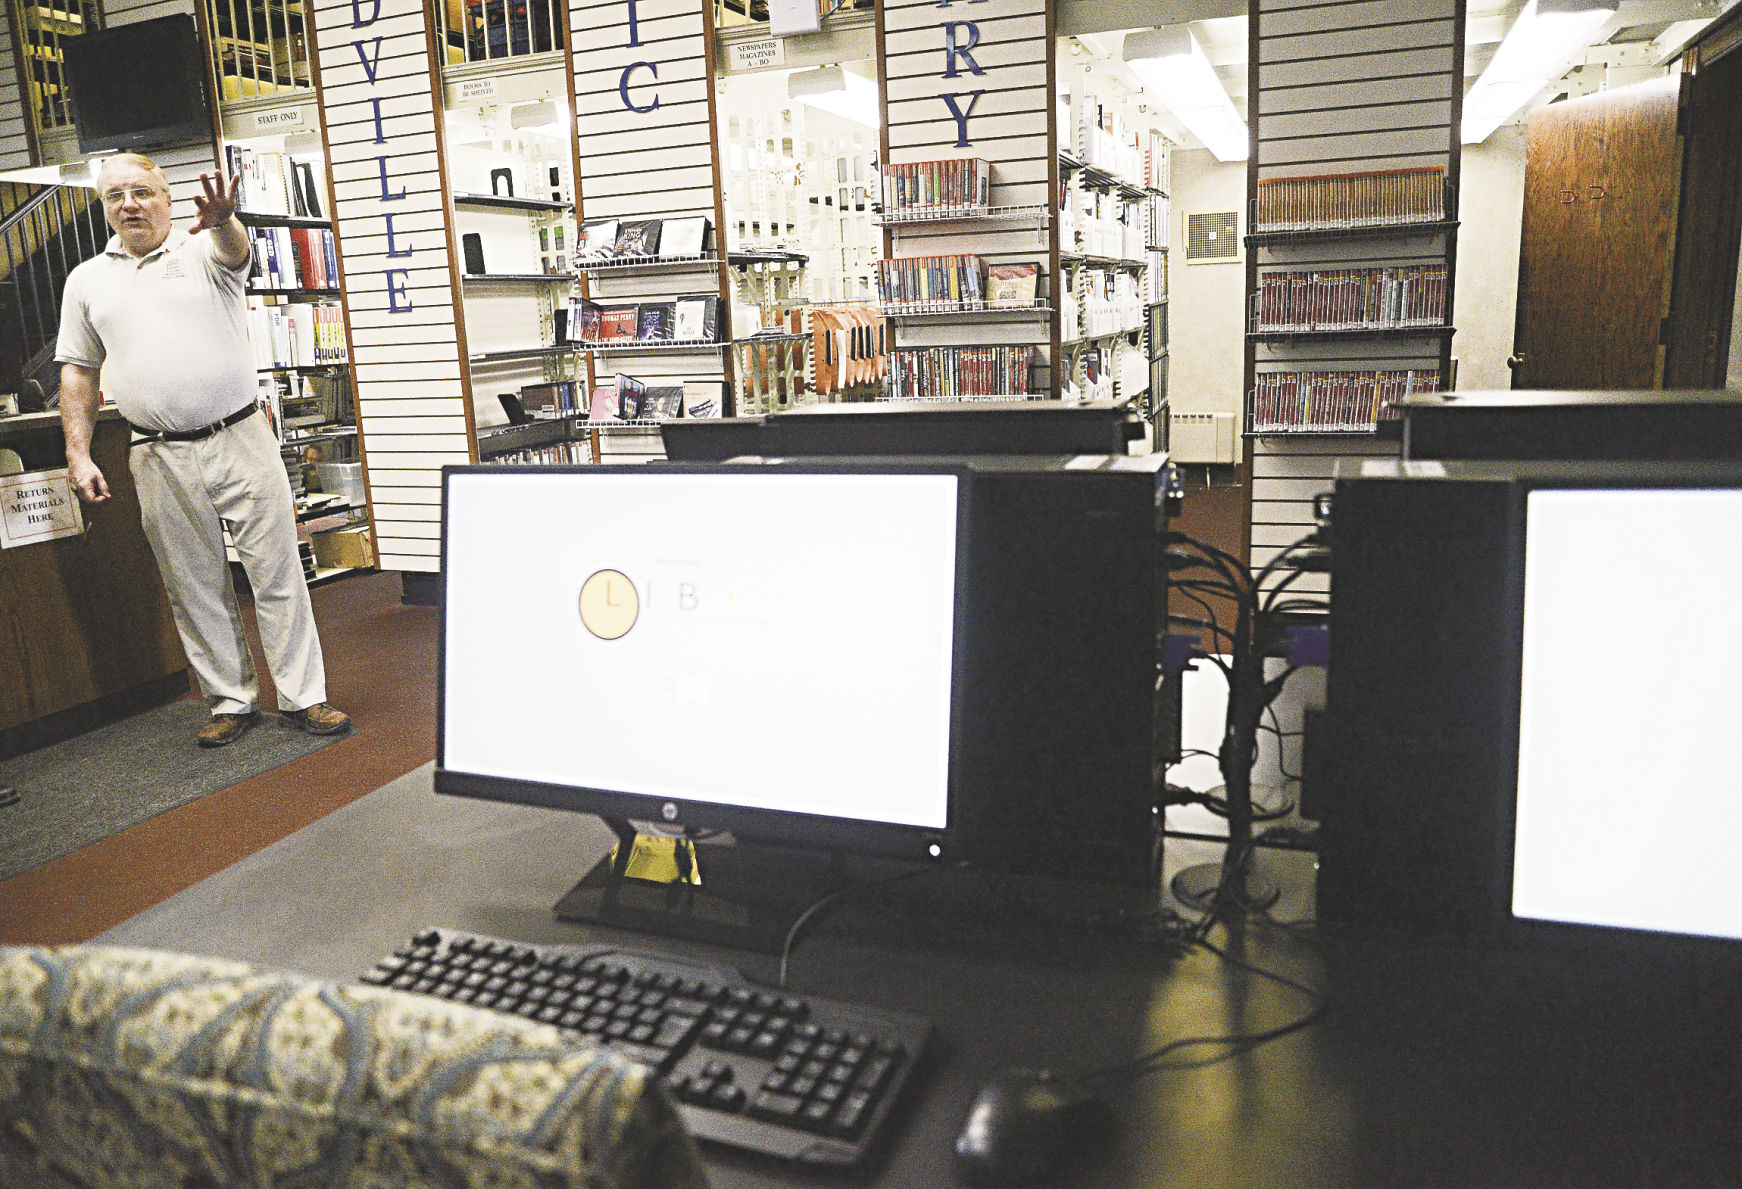 Fullsize Of Meadville Public Library